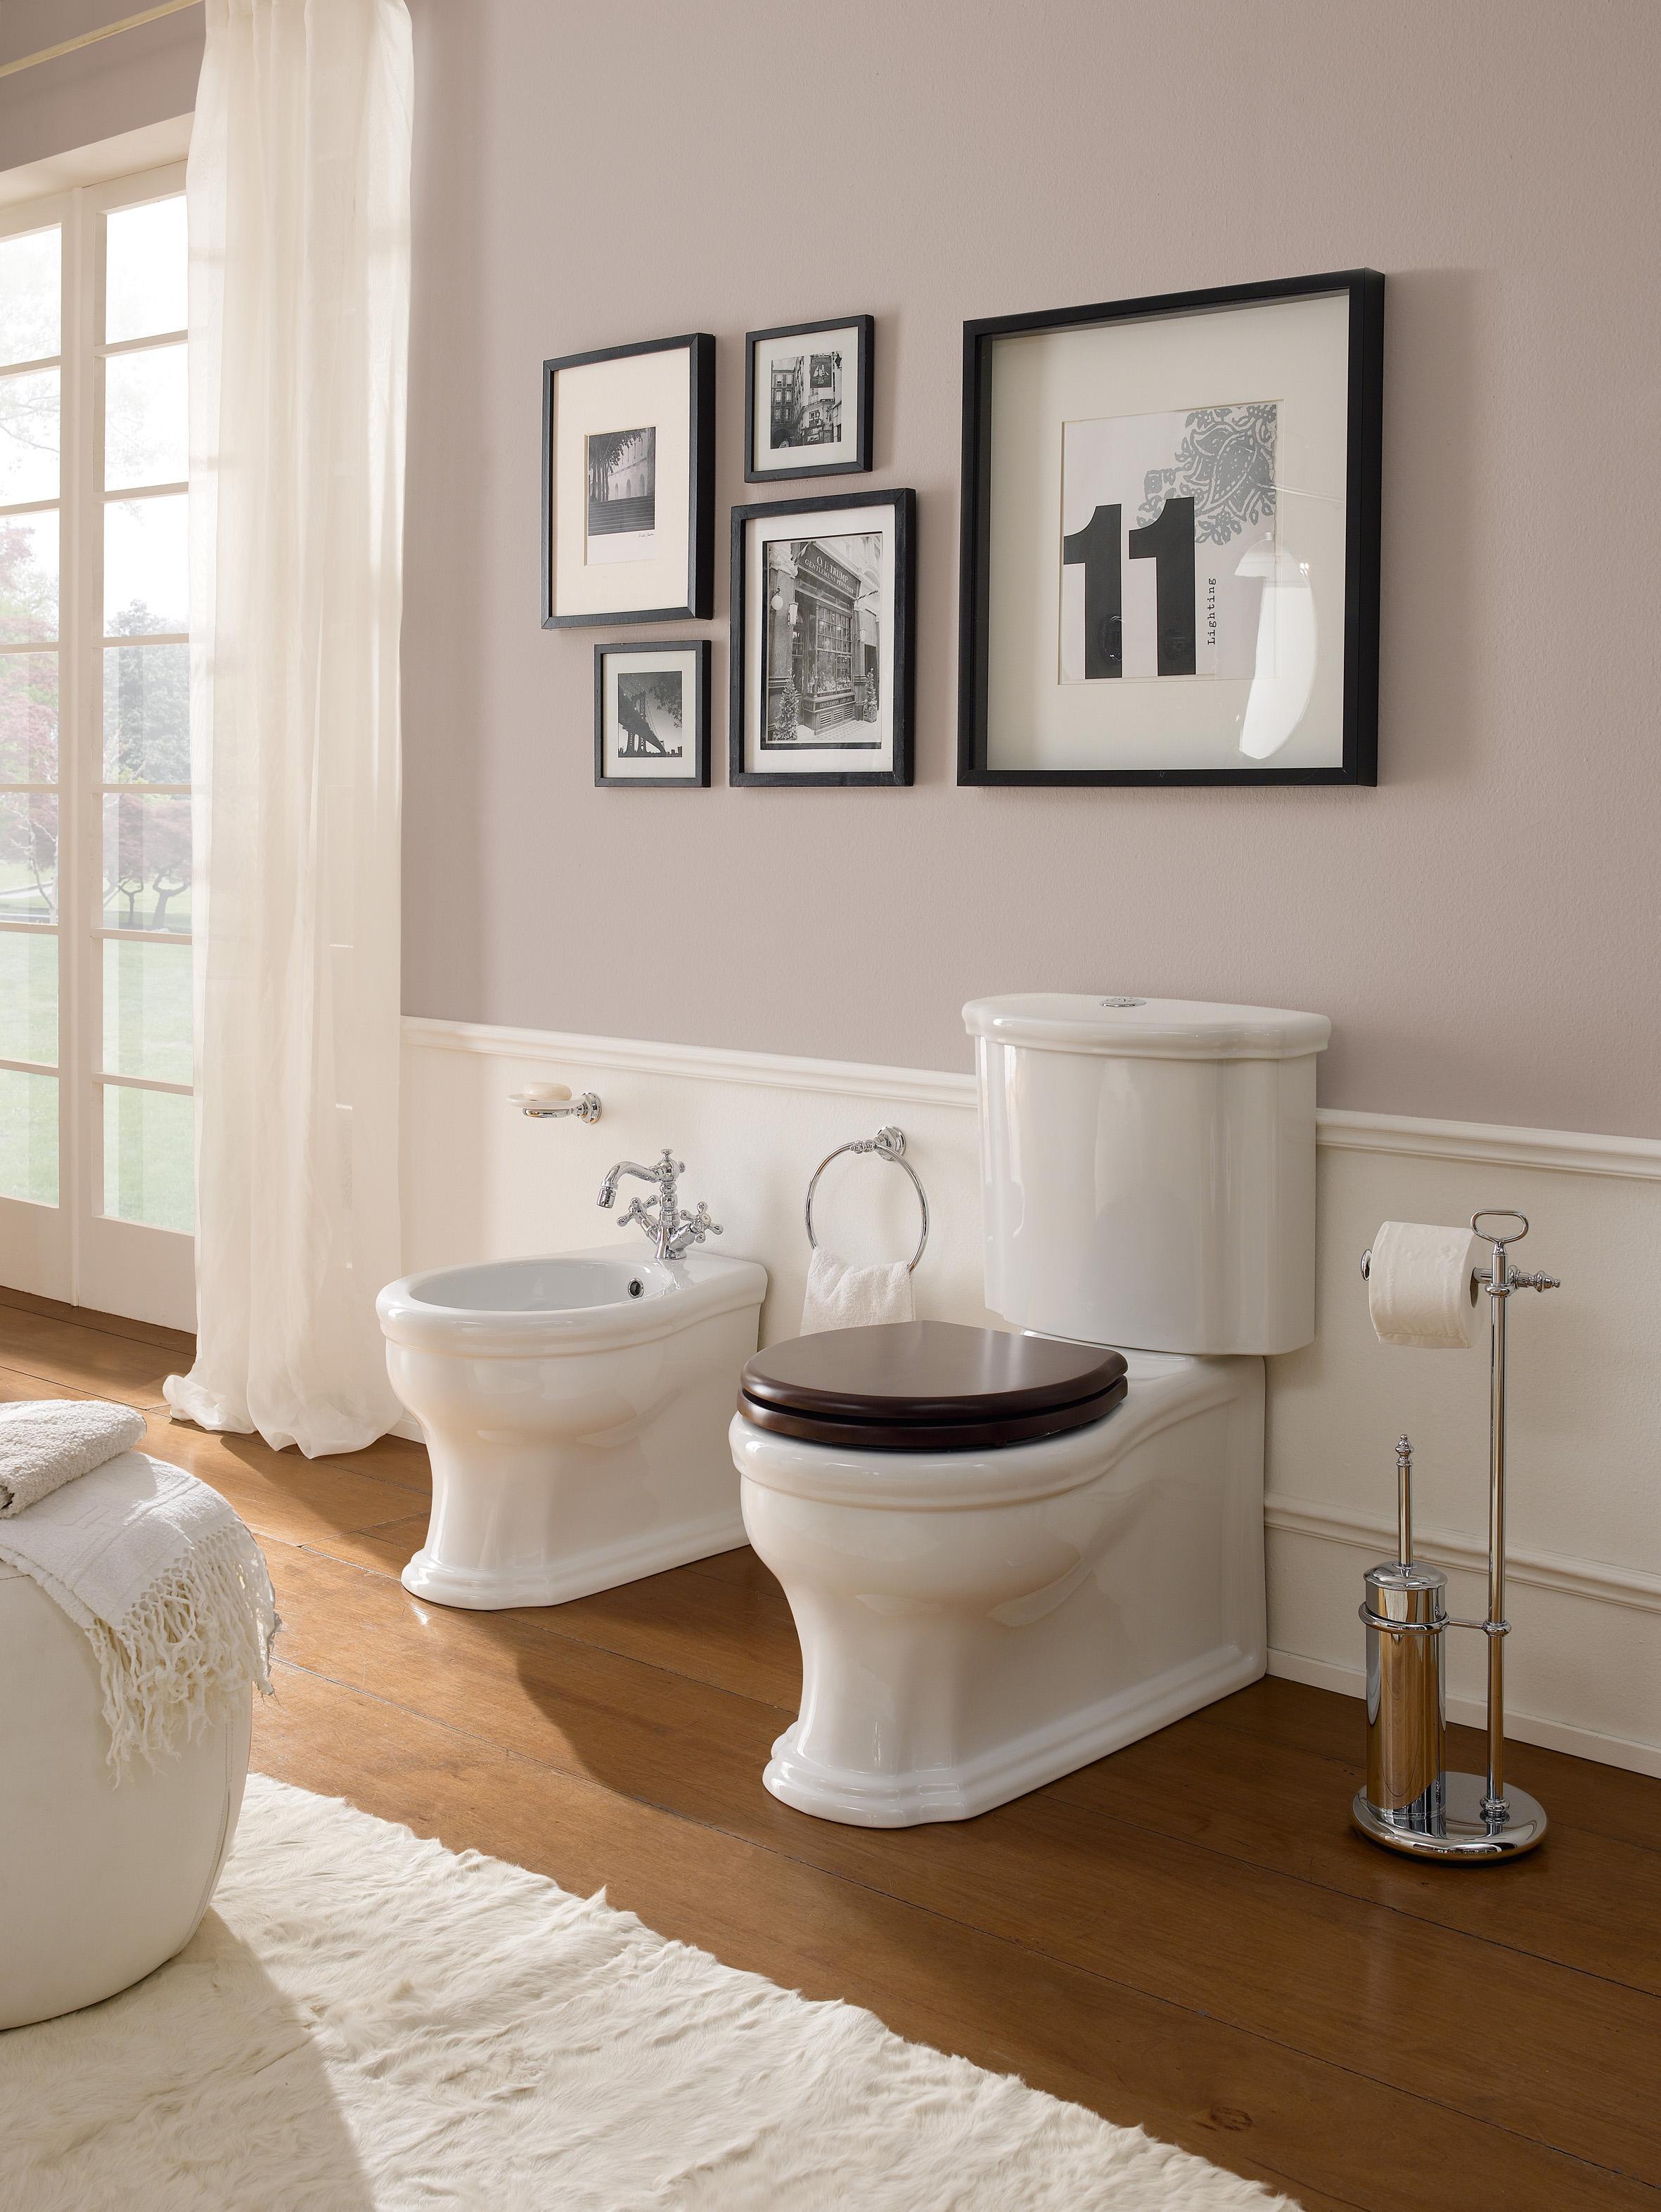 Accessori Classici Per Bagno.Sanitari Classici Per Un Bagno Elegante E Dal Fascino Retro Cose Di Casa